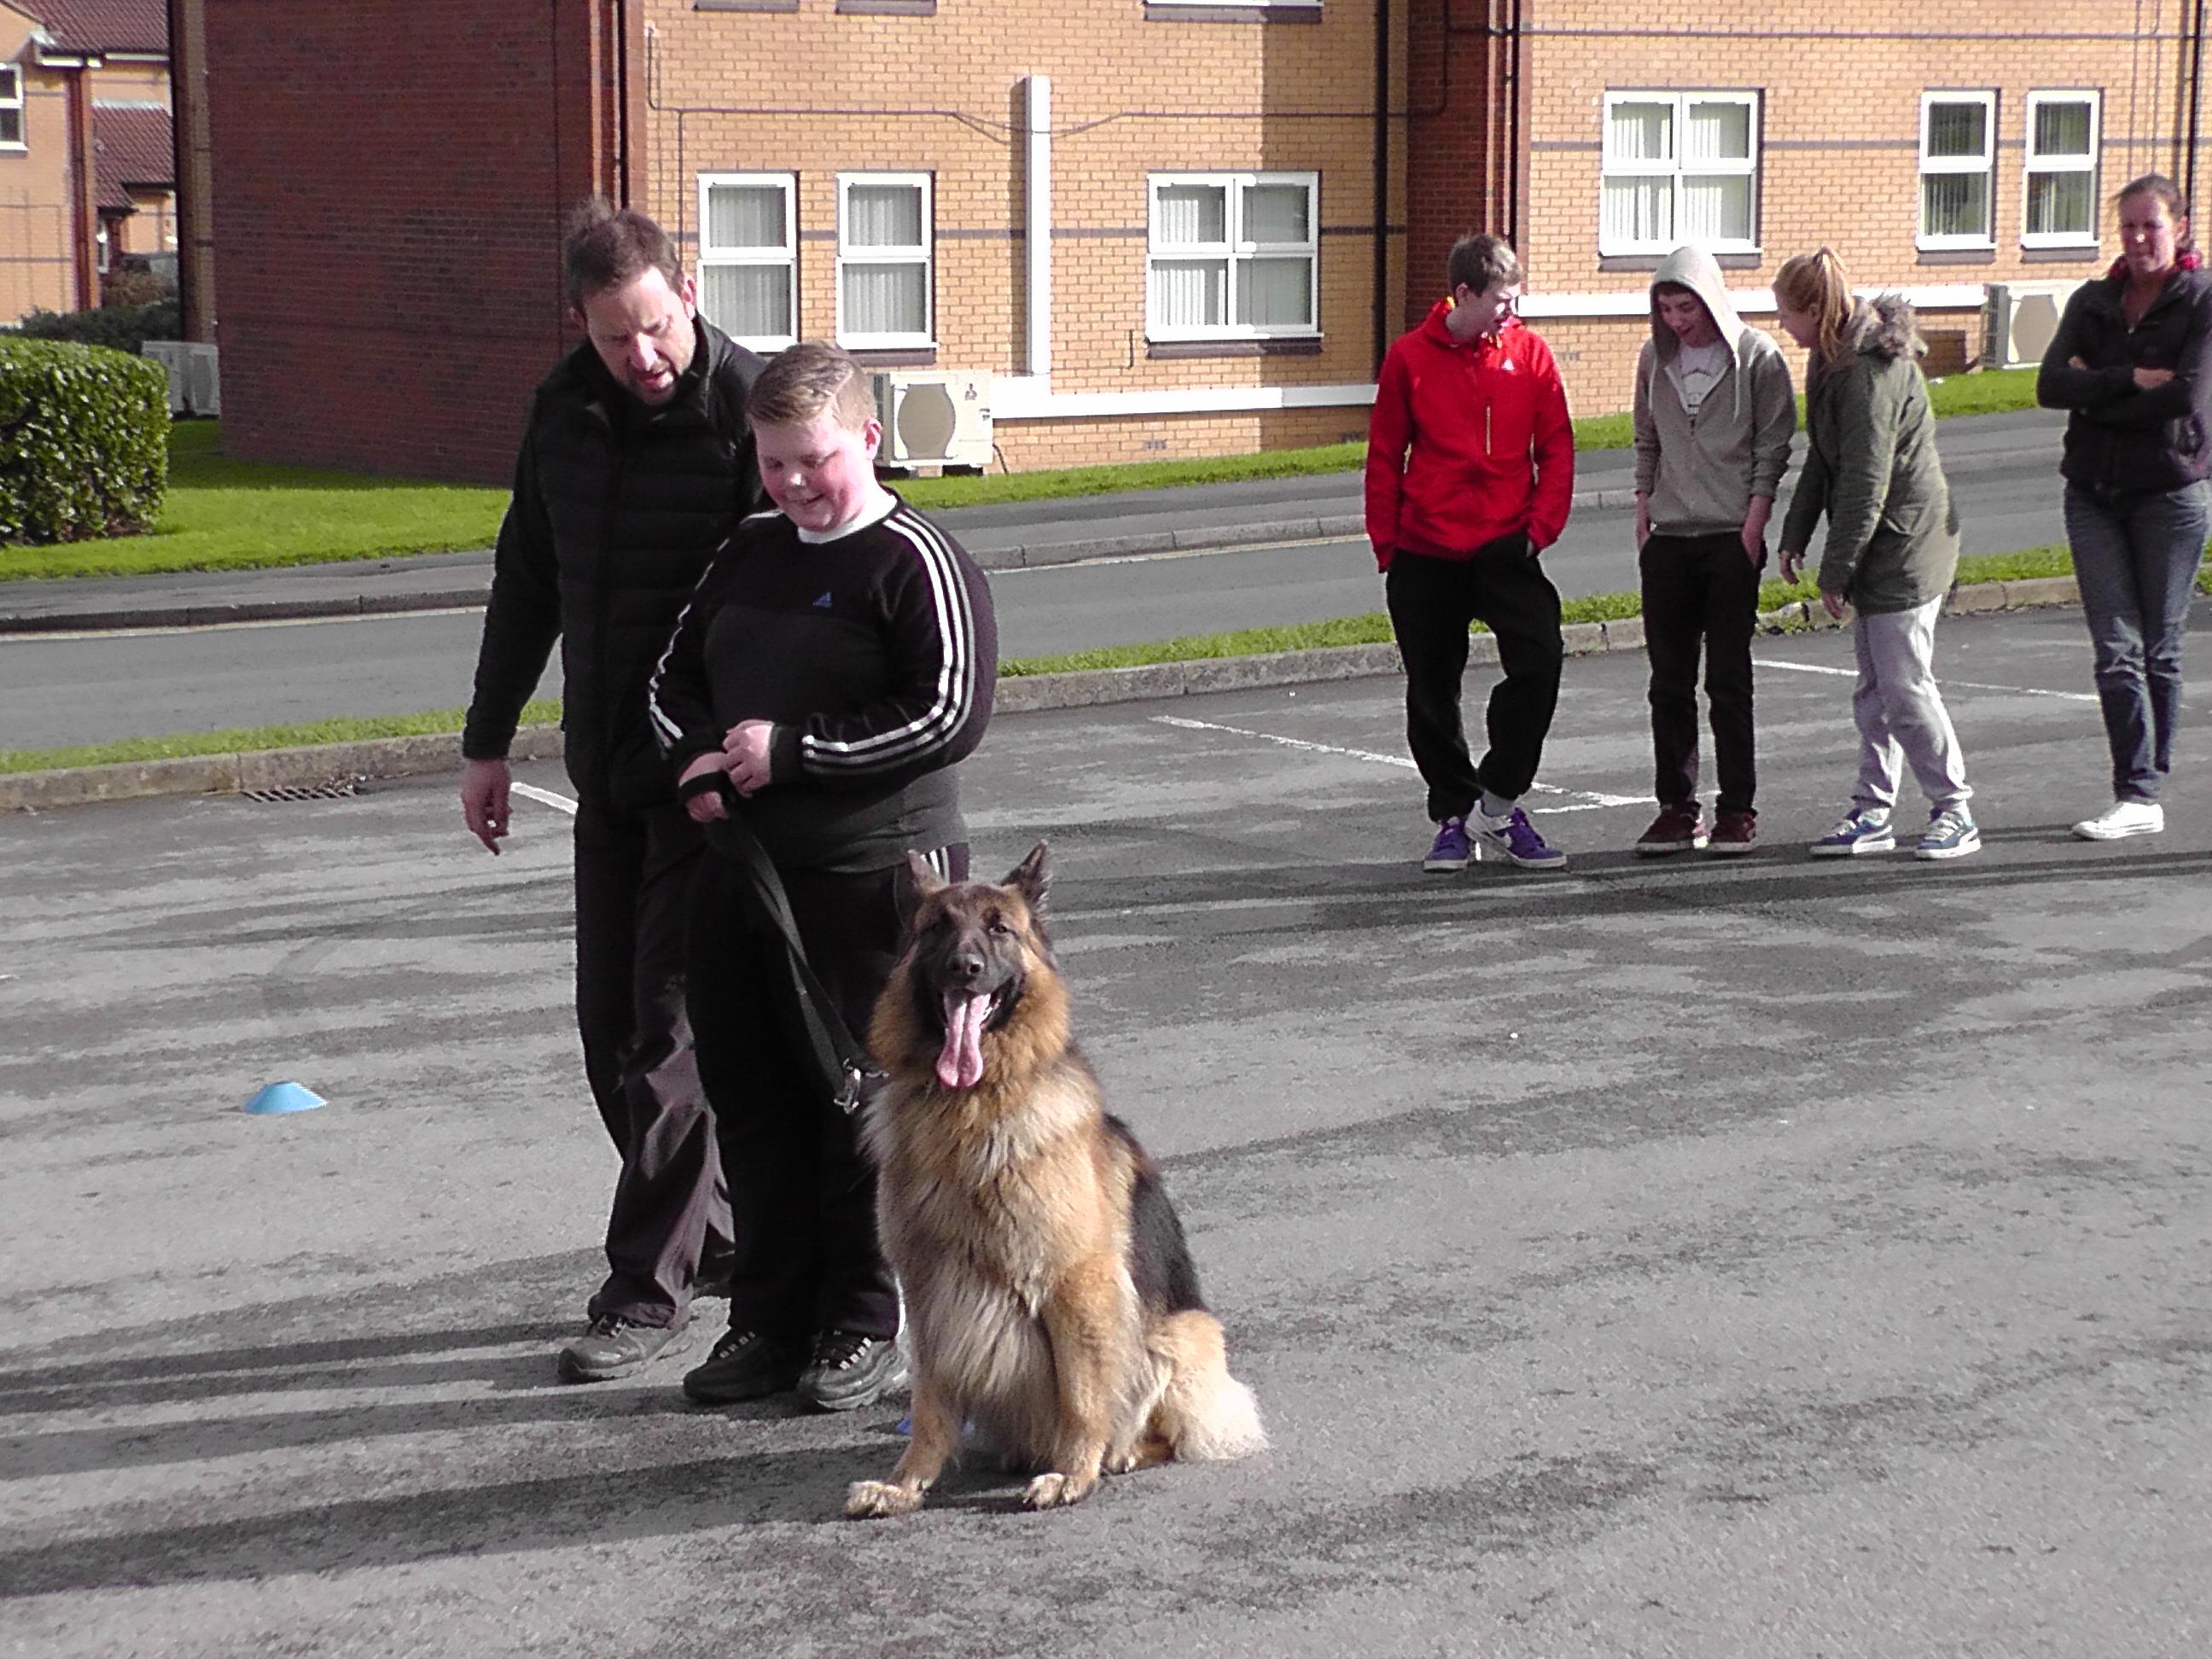 Teaching Responsible Dog Ownership